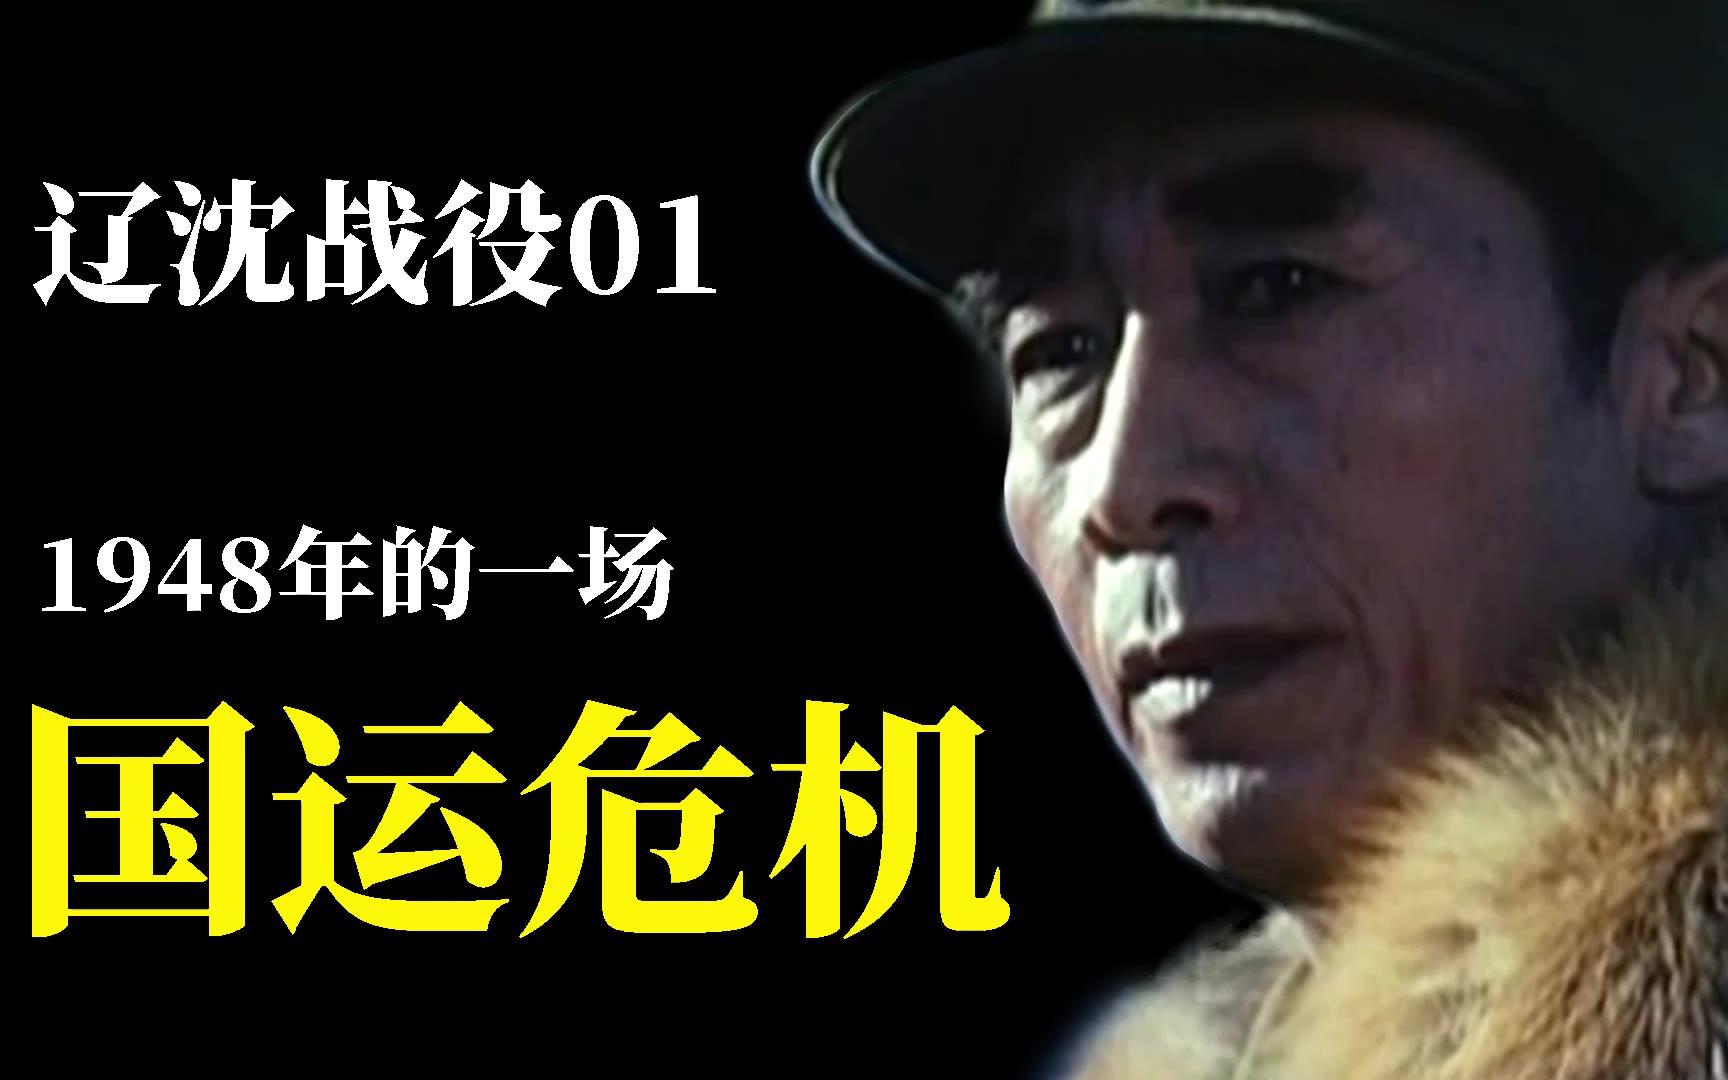 辽沈战役01:1948年的一场国运危机【解放战争系列】